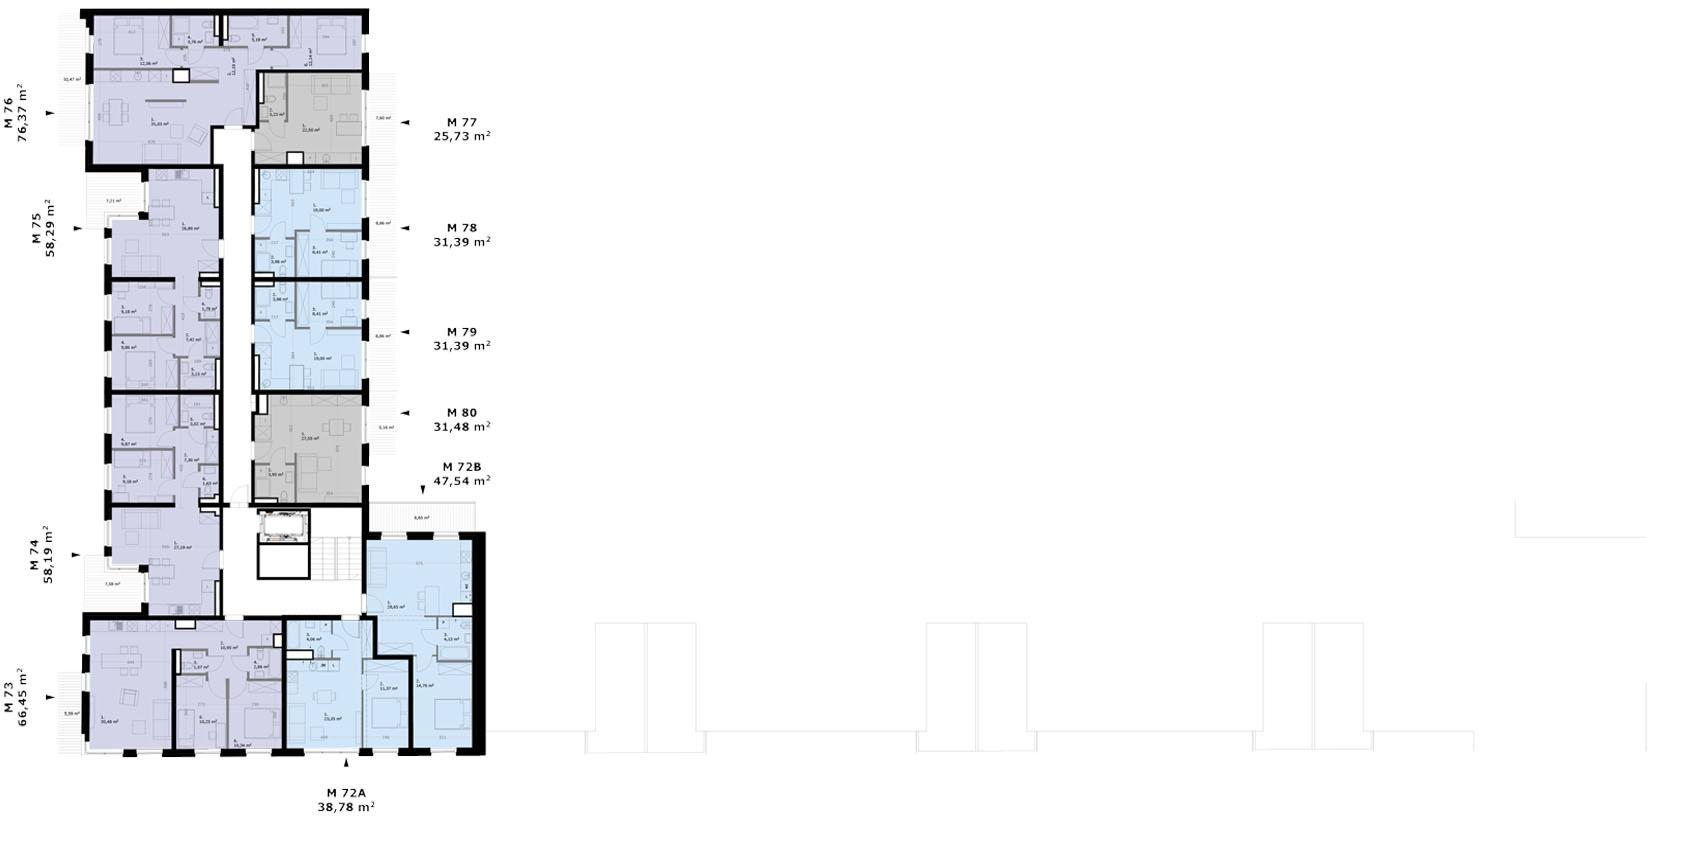 Wólczańska 188 - Piętro 4